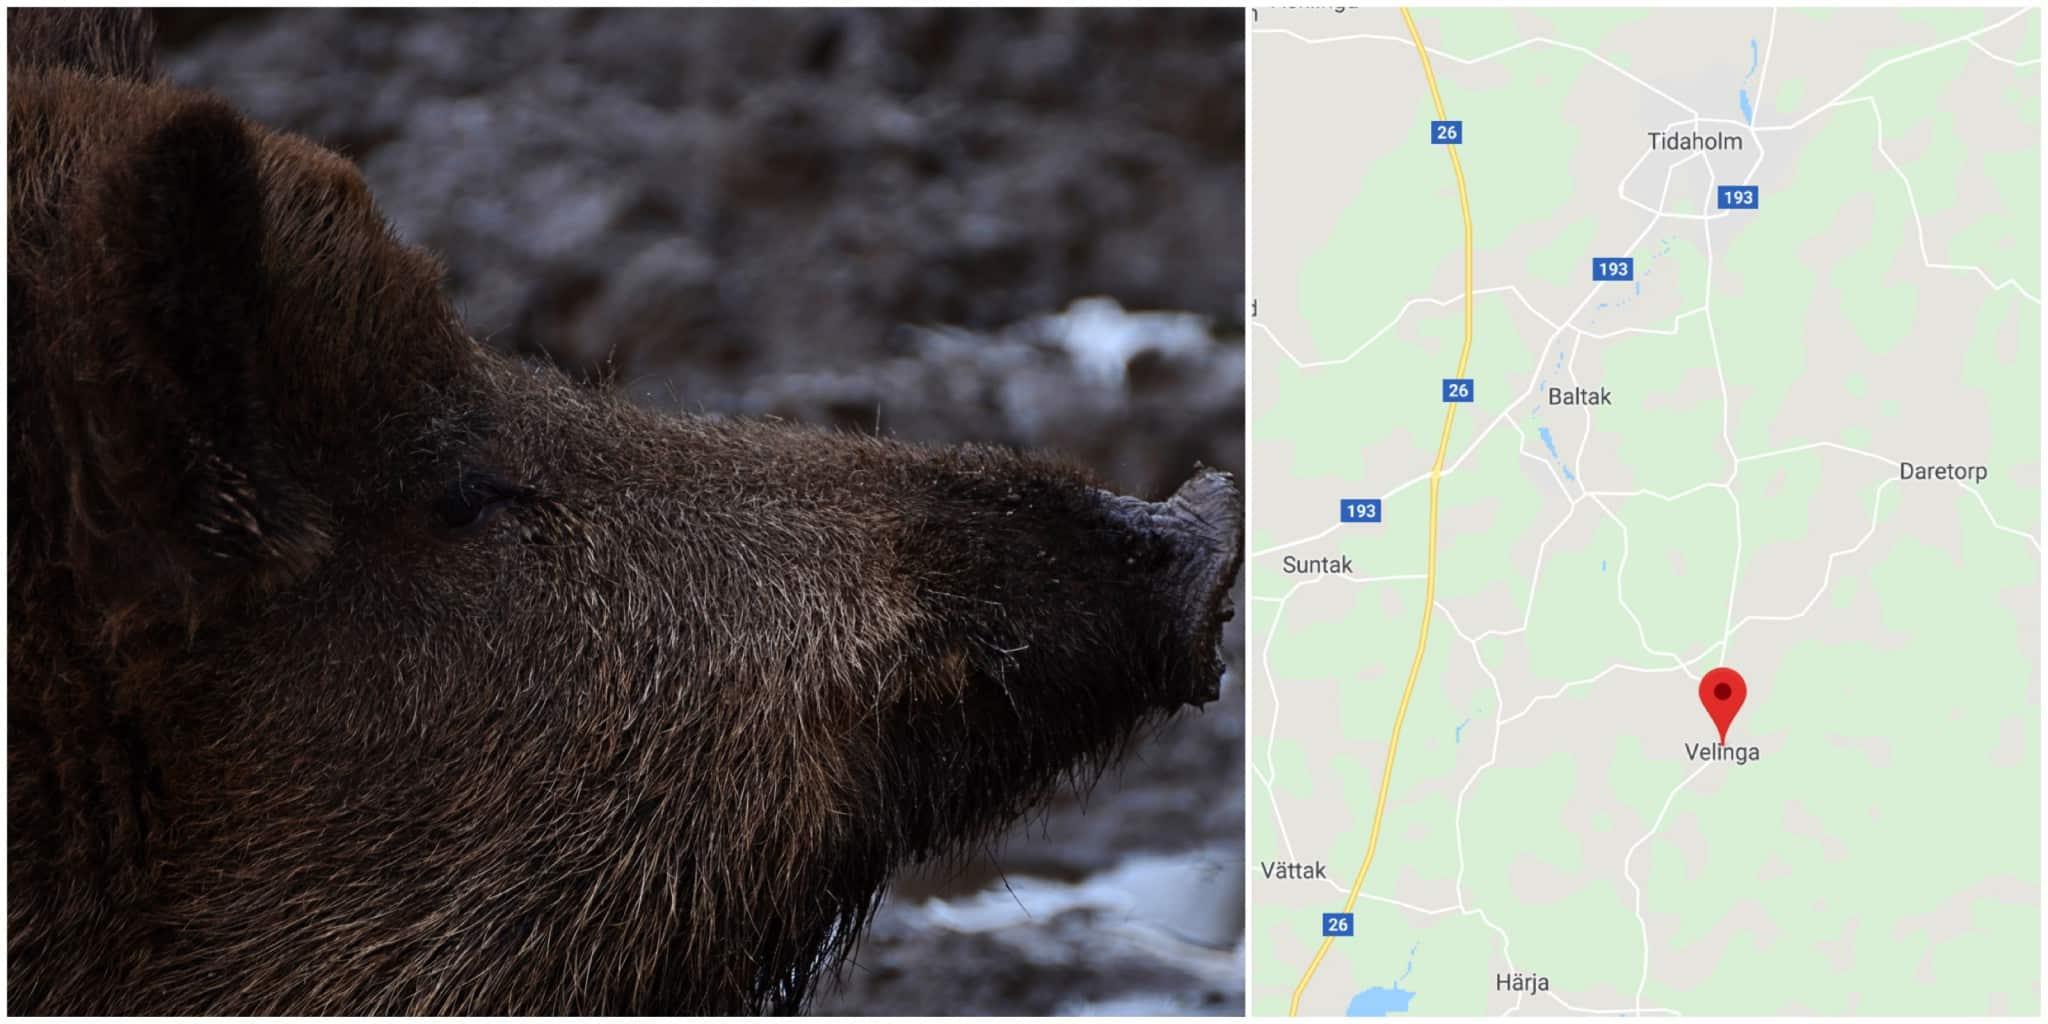 En jägare har skadats svårt av ett attackerande vildsvin. Foto: Mostphotos